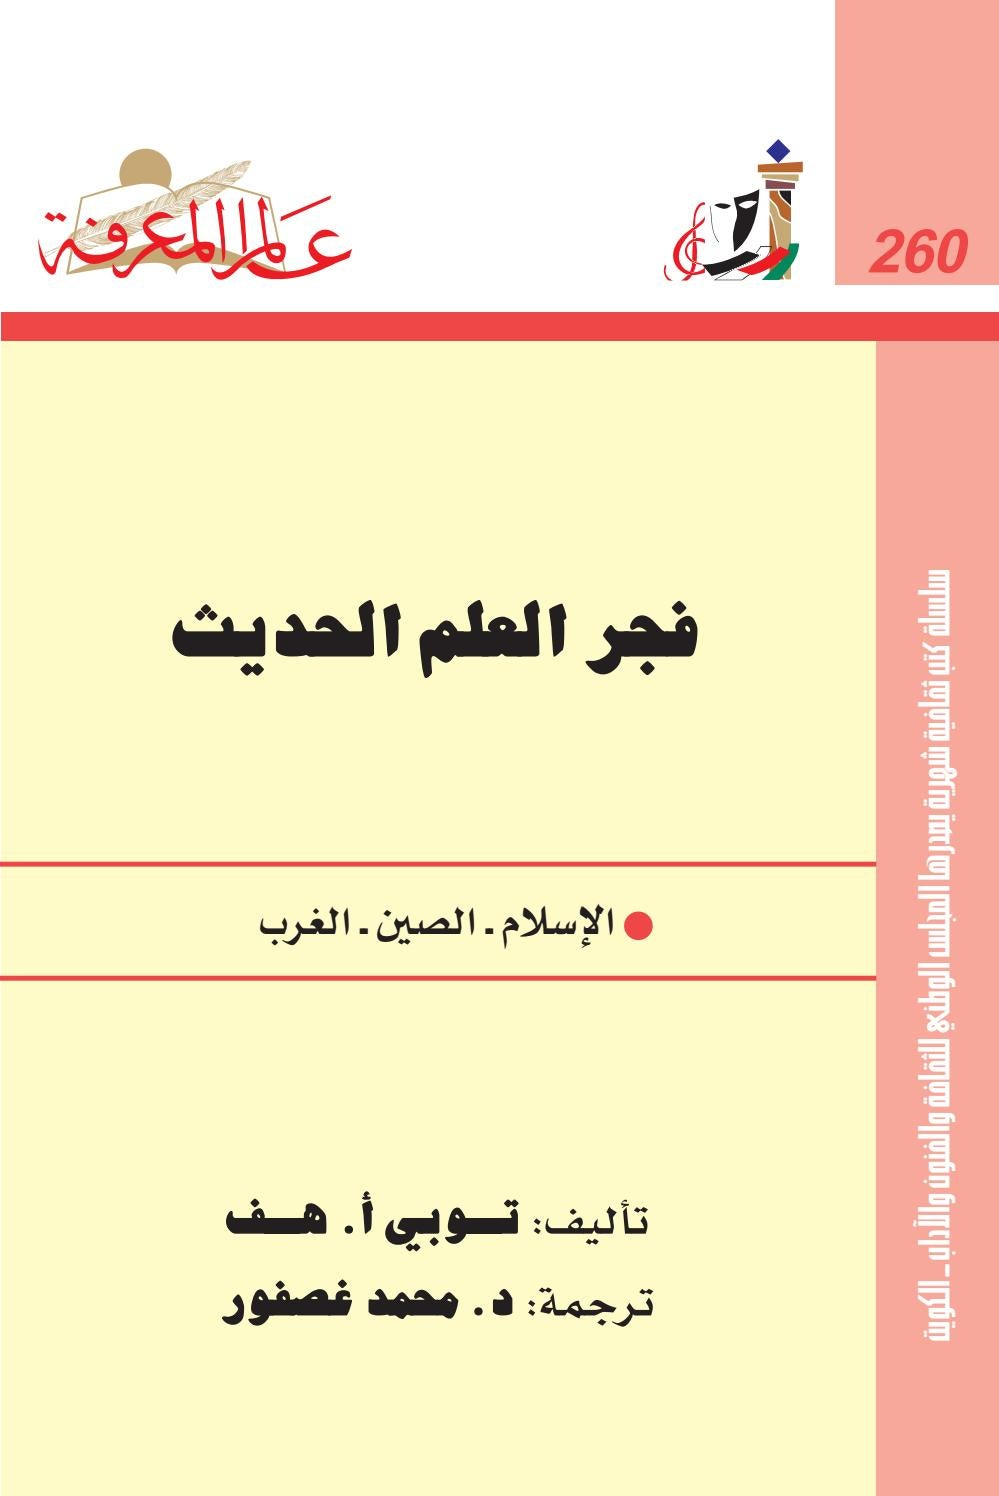 352e184c325a4 260 فجر العلم الحديث by iReadPedia - issuu